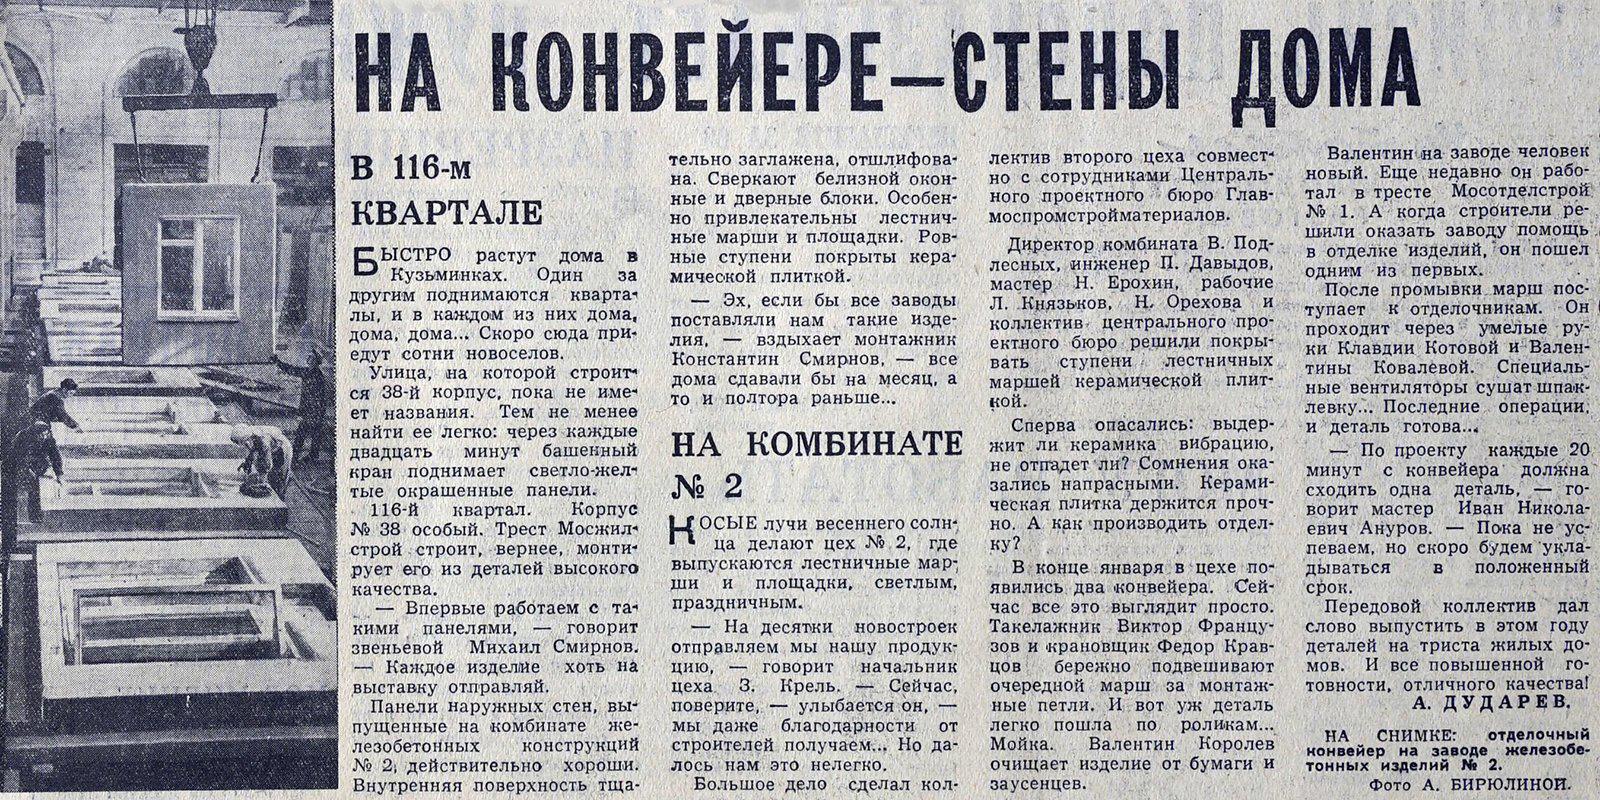 Вырезка из газеты «Вечерняя Москва». 4 апреля 1962 года